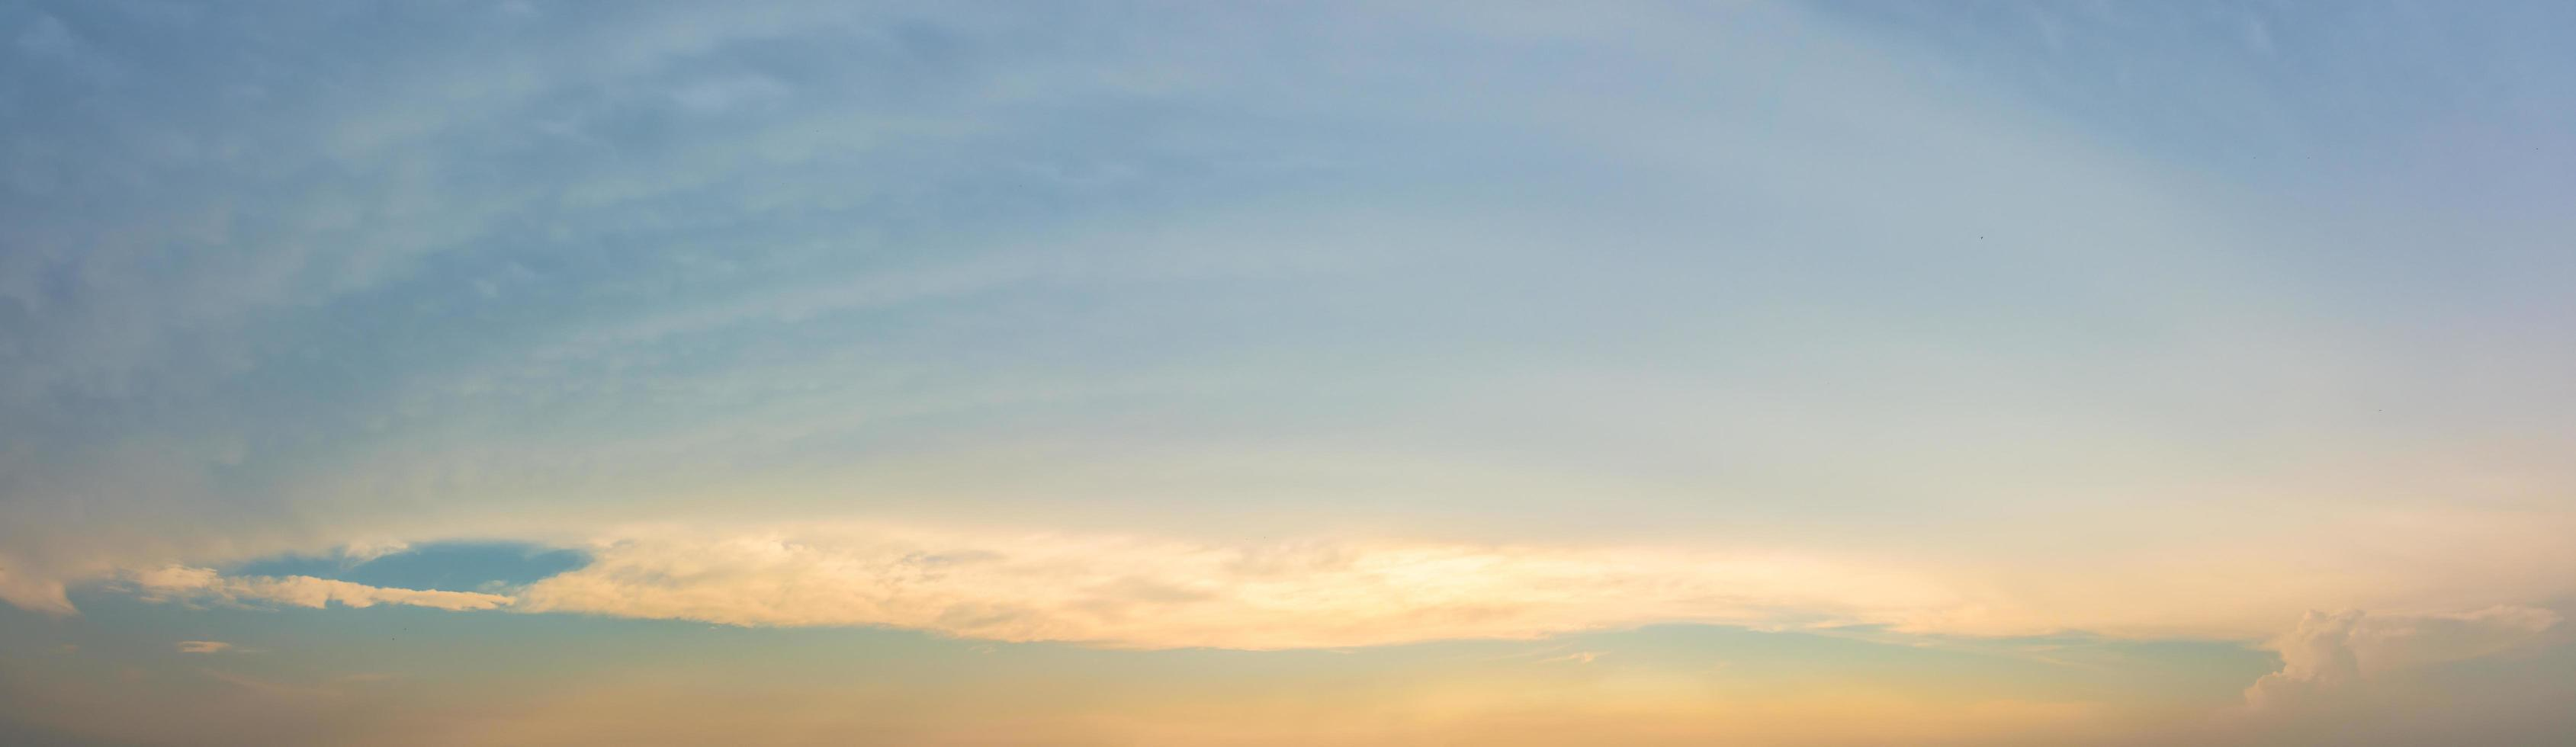 blauwe hemel met wolken bij zonsondergang foto